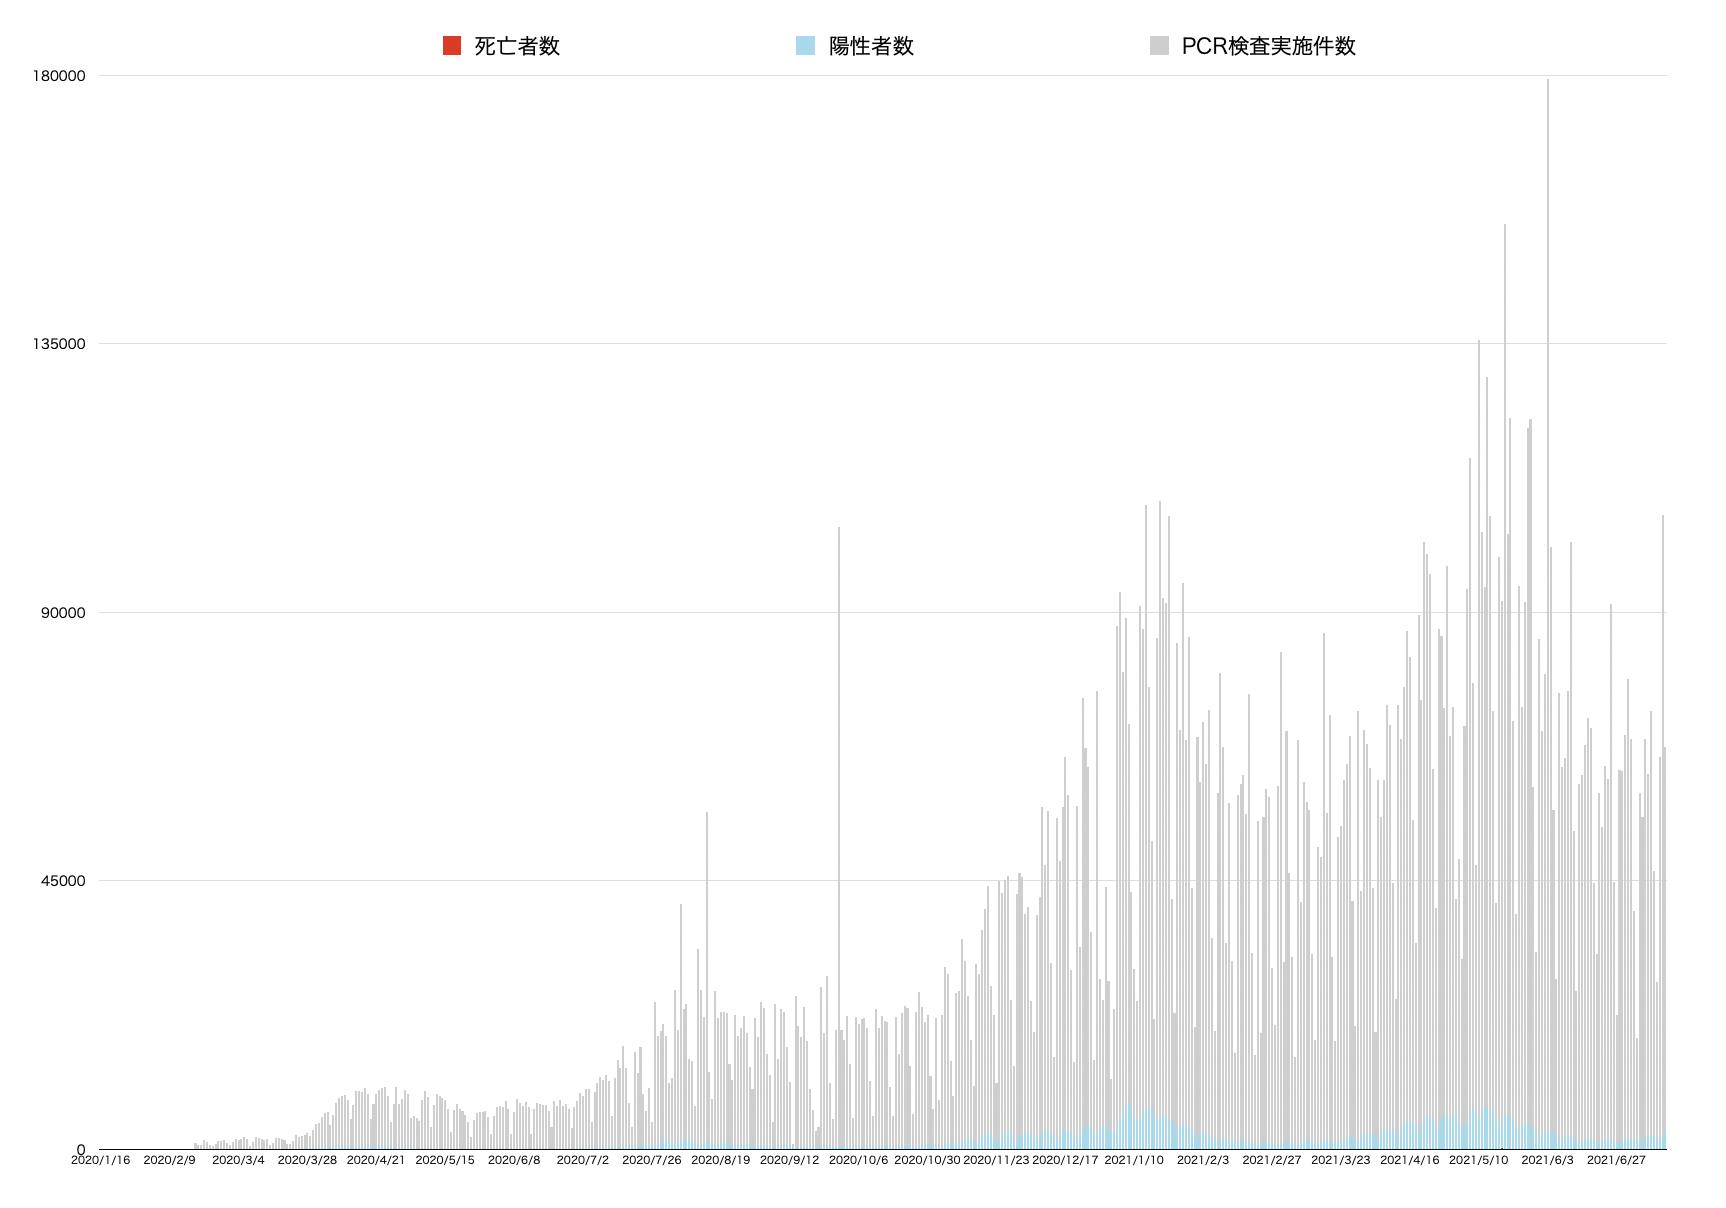 新型コロナウイルス死亡者数と陽性者数とPCR検査数